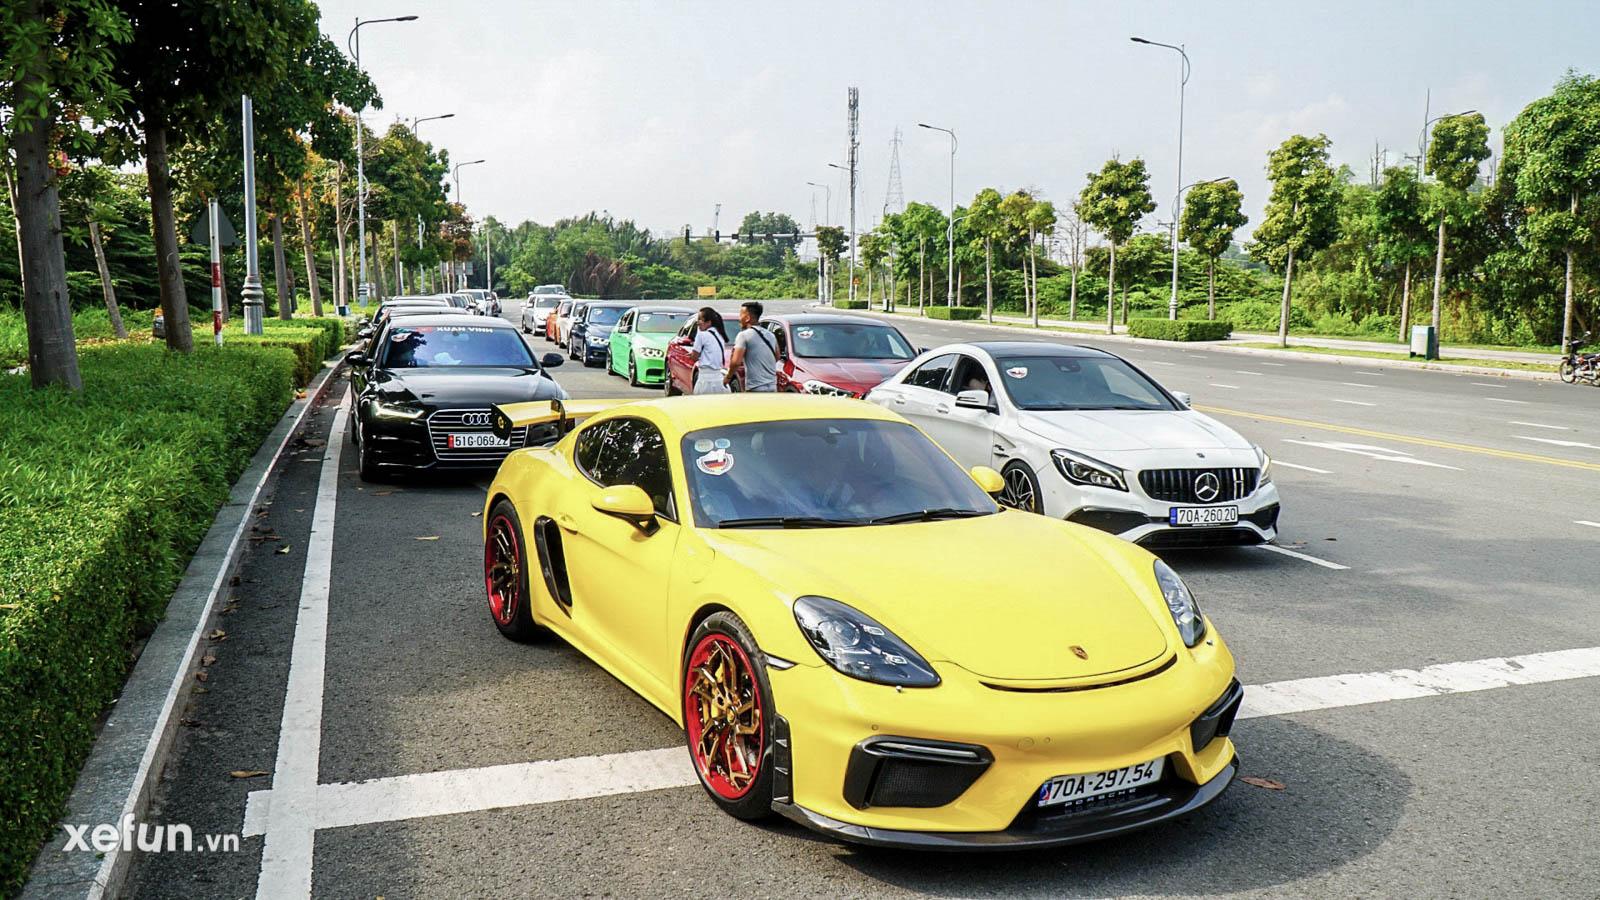 Summer Trip Mãn nhãn với dàn siêu xe tiền tỷ tại buổi offline của Hội Yêu Xe Đức Xefun - 3546